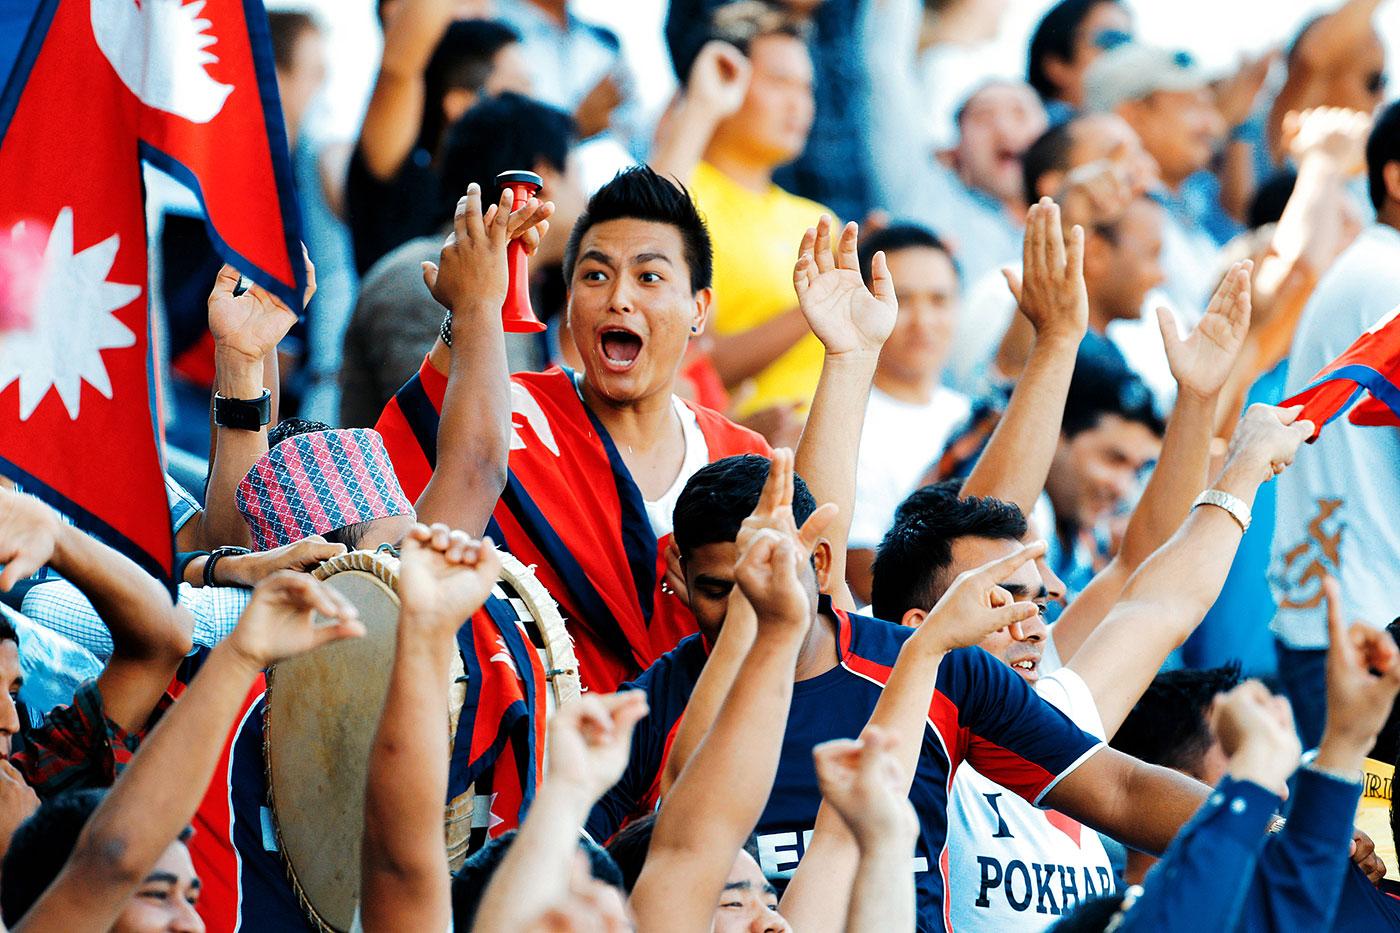 Nepal fans celebrate